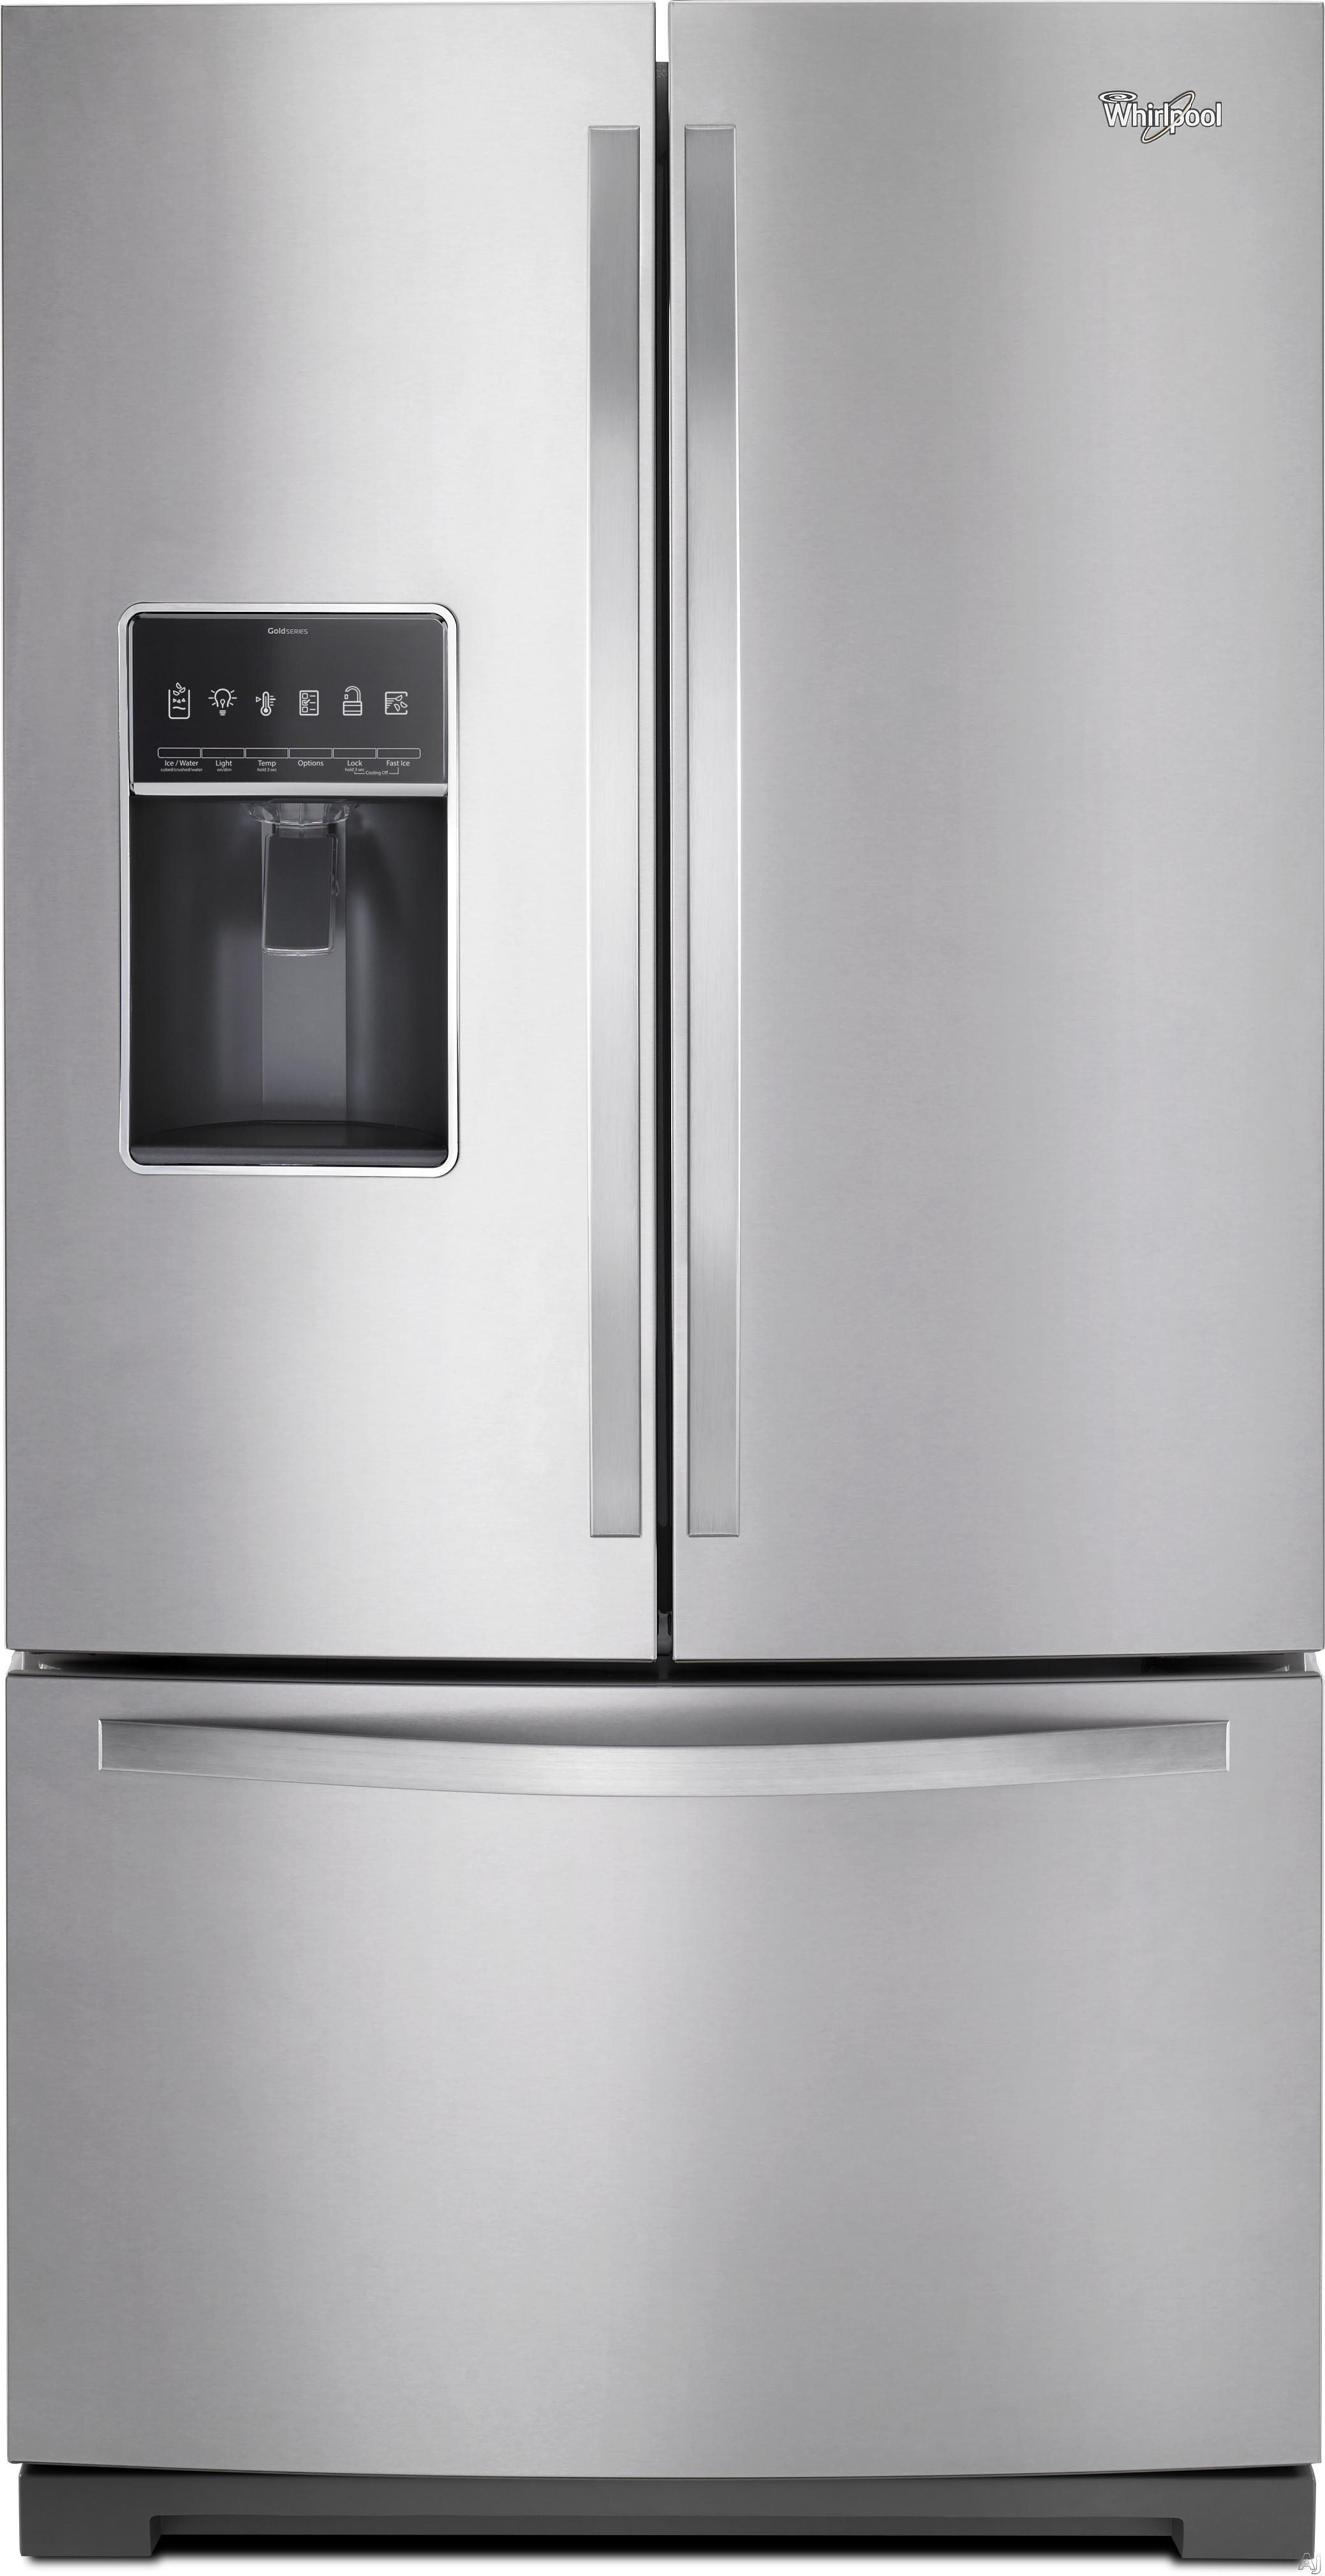 Whirlpool Refrigeration,Whirlpool Refrigerators,Whirlpool French Door Refrigerators